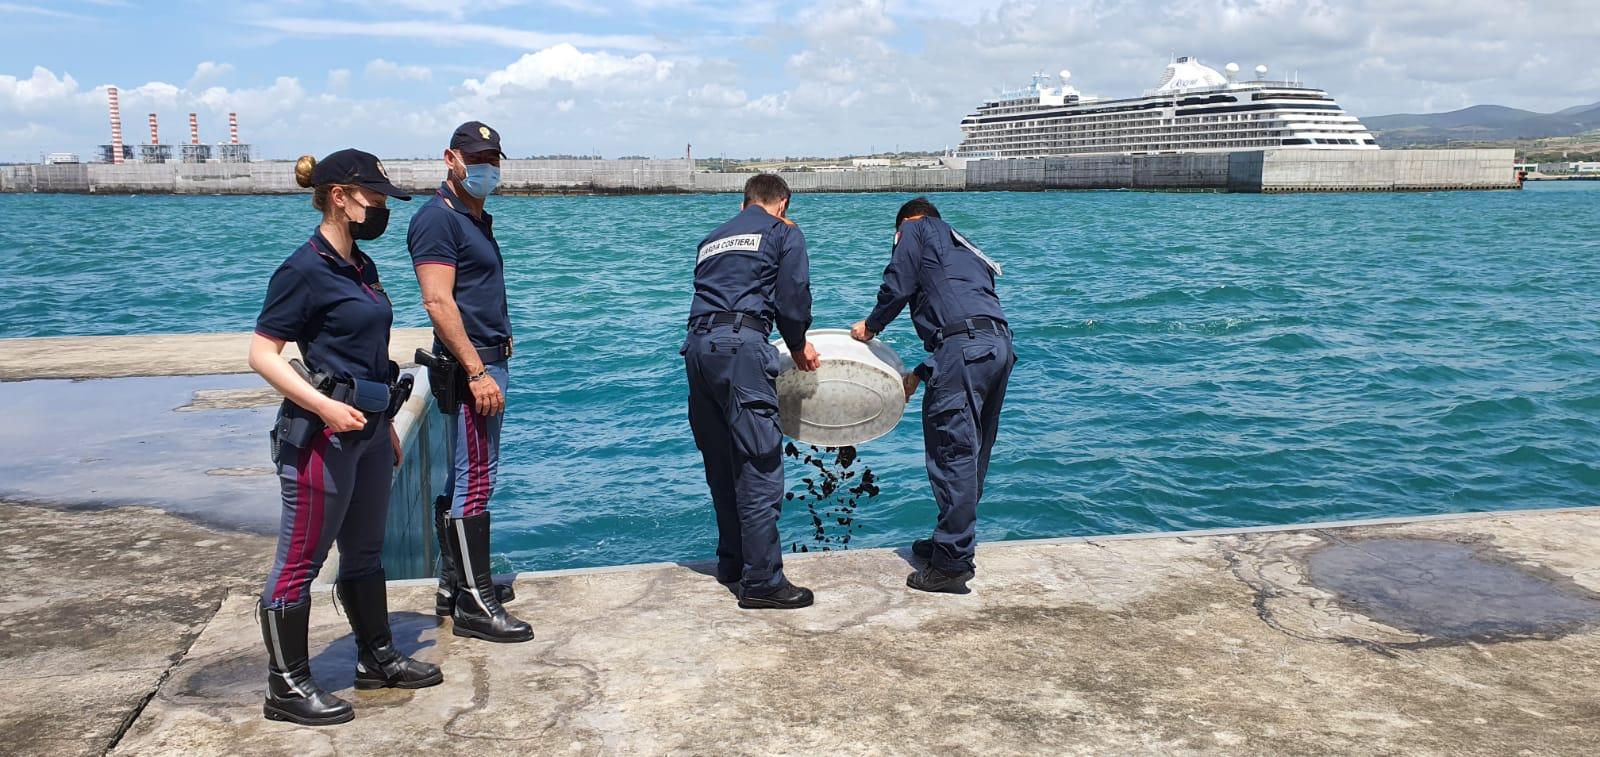 Porto, sequestrati 135 kg di mitili pescati illegalmente